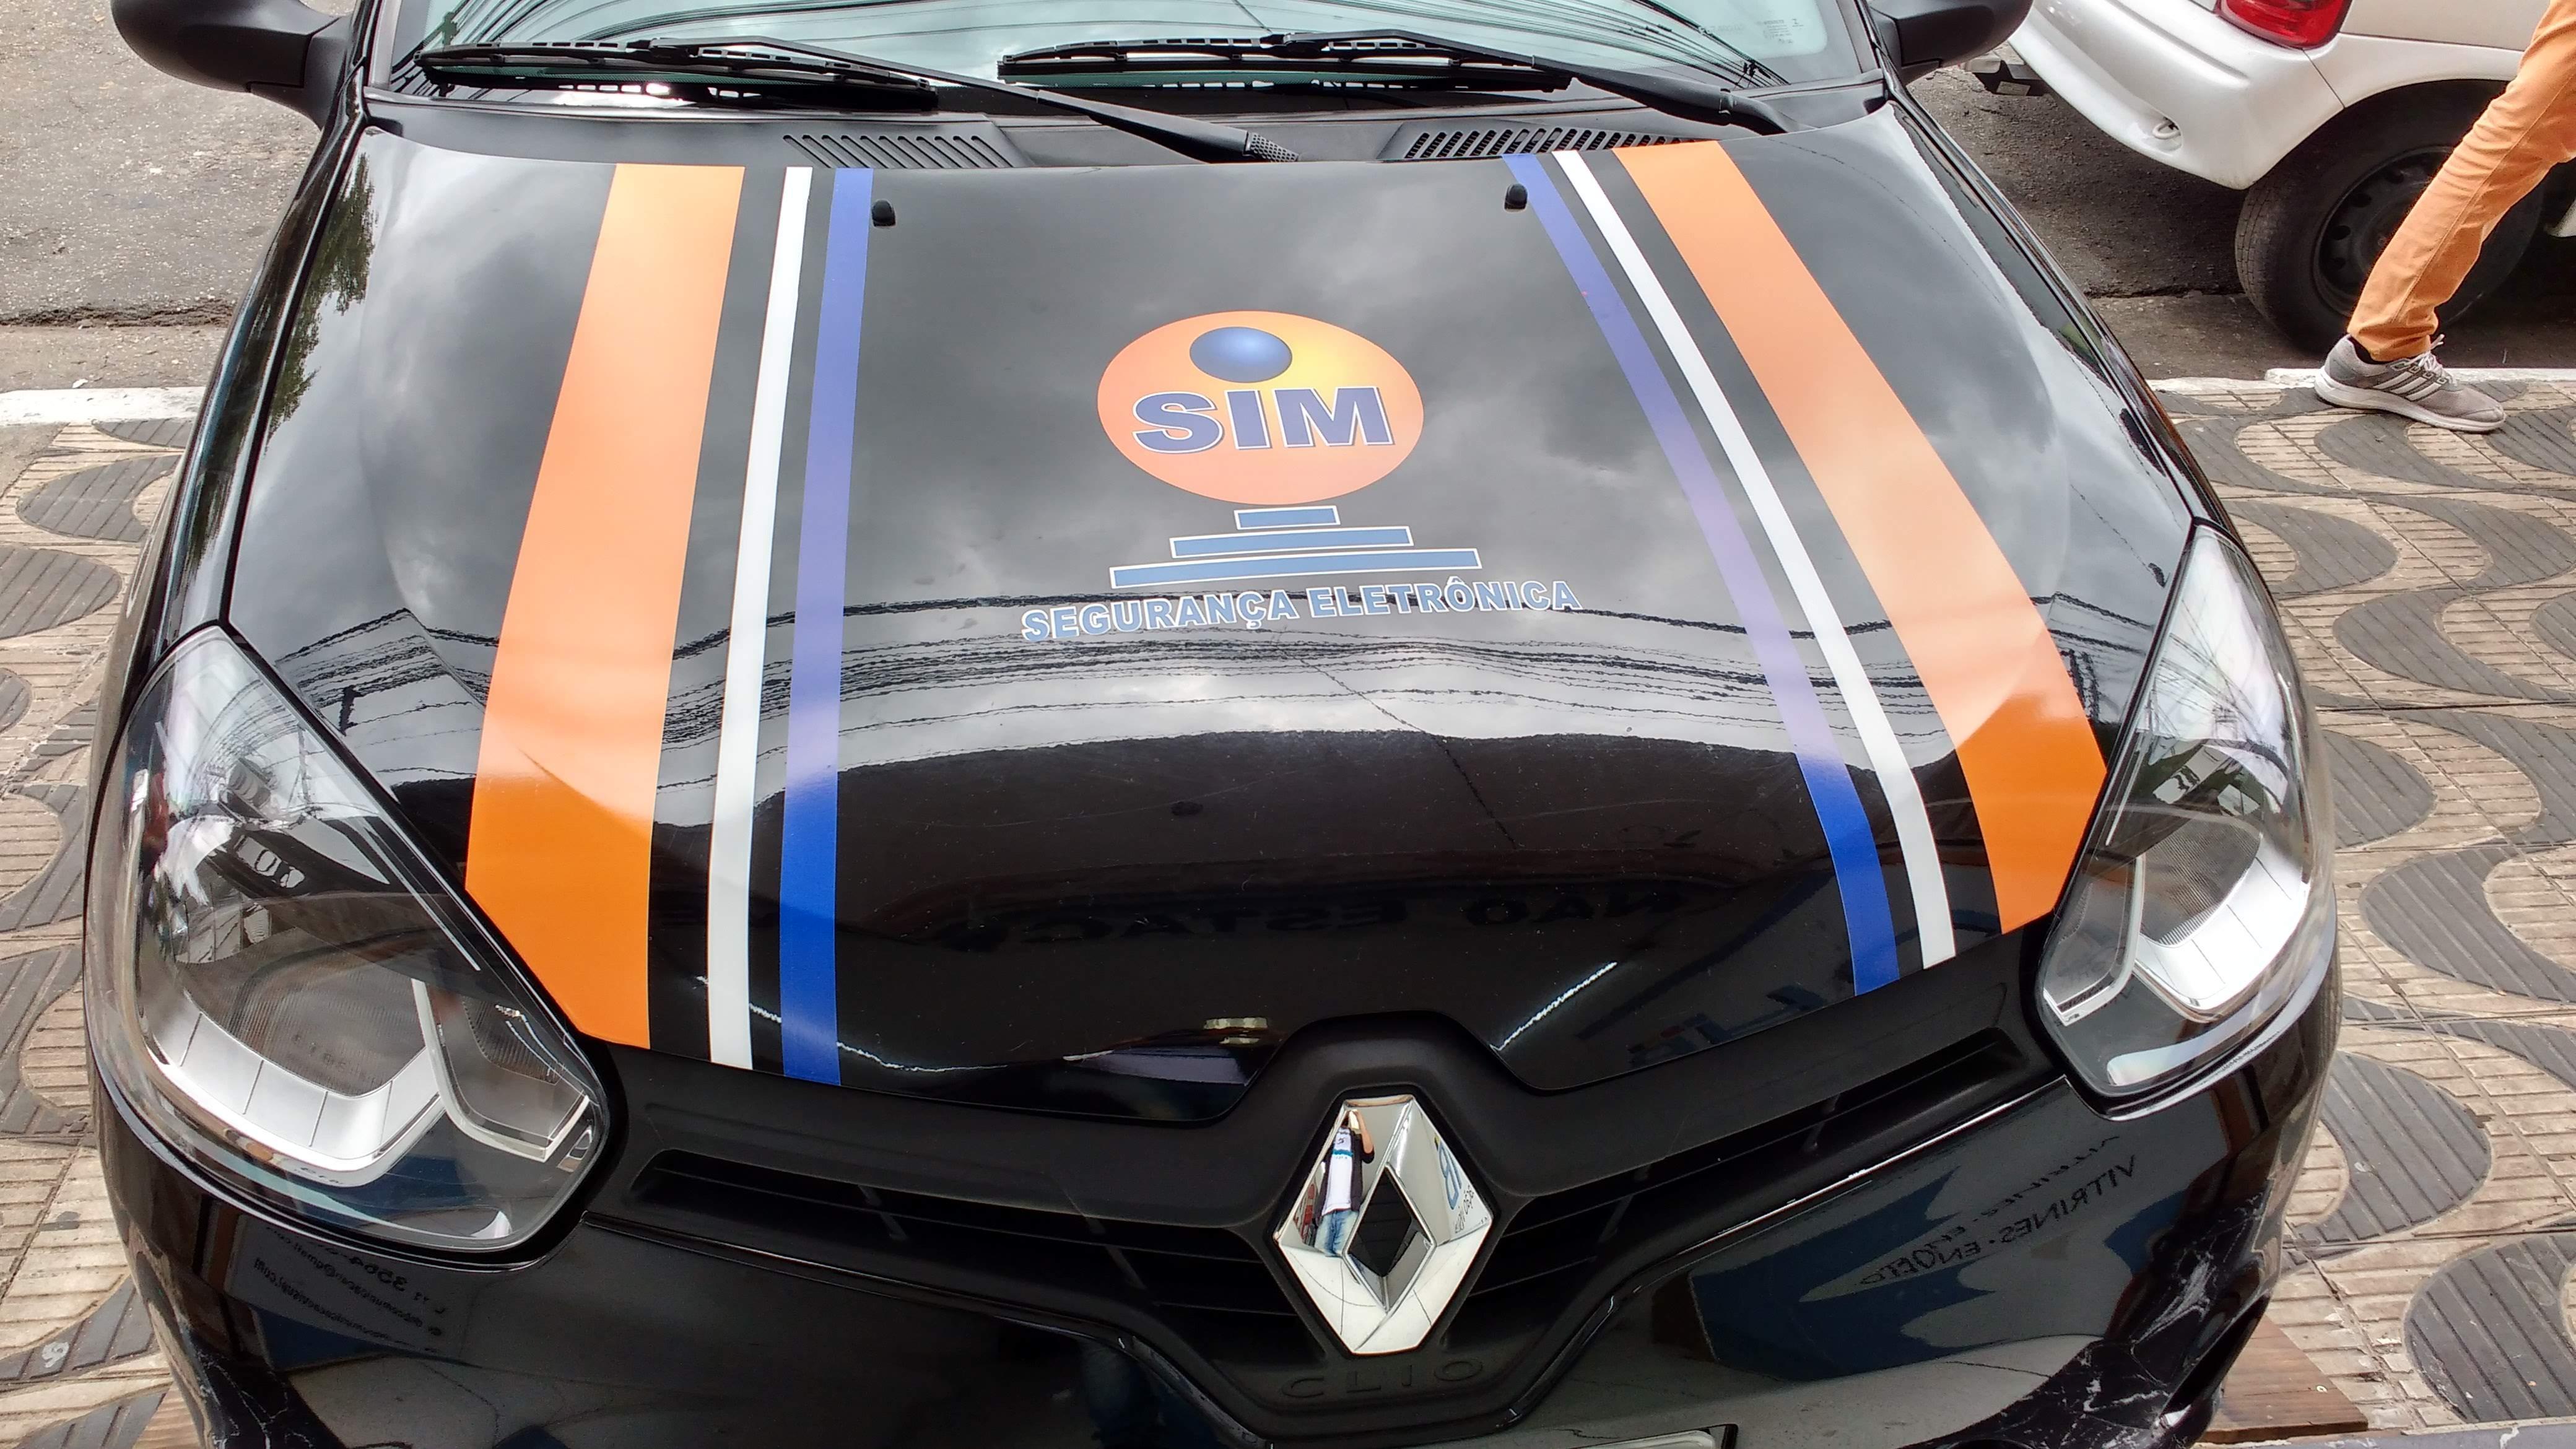 Clio Parcial